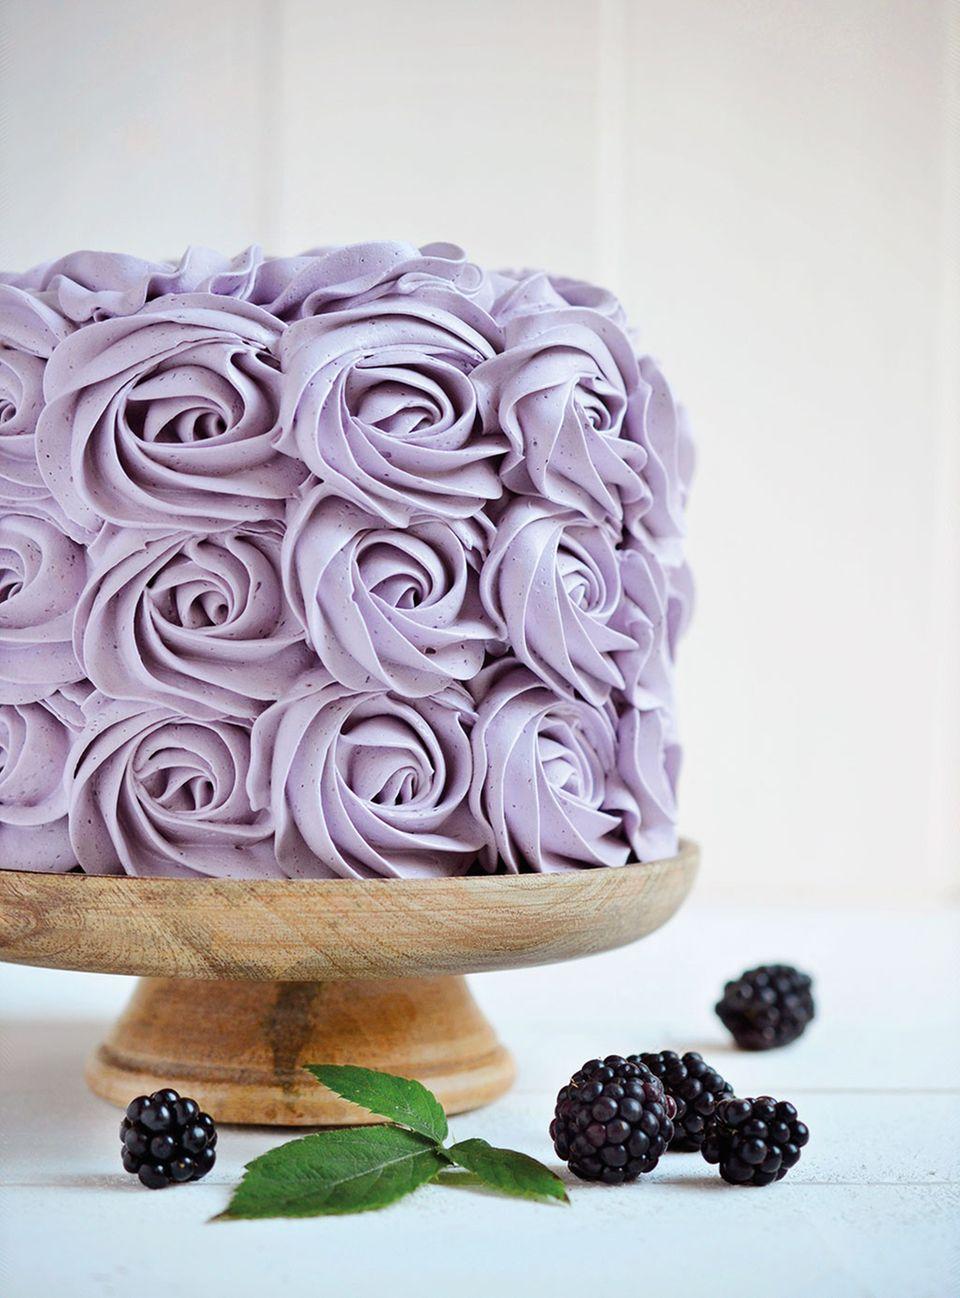 Rosen aus Brombeercreme zieren diese Torte. Im Inneren versteckt sich saftig leckerer Schoko-Biskuit!